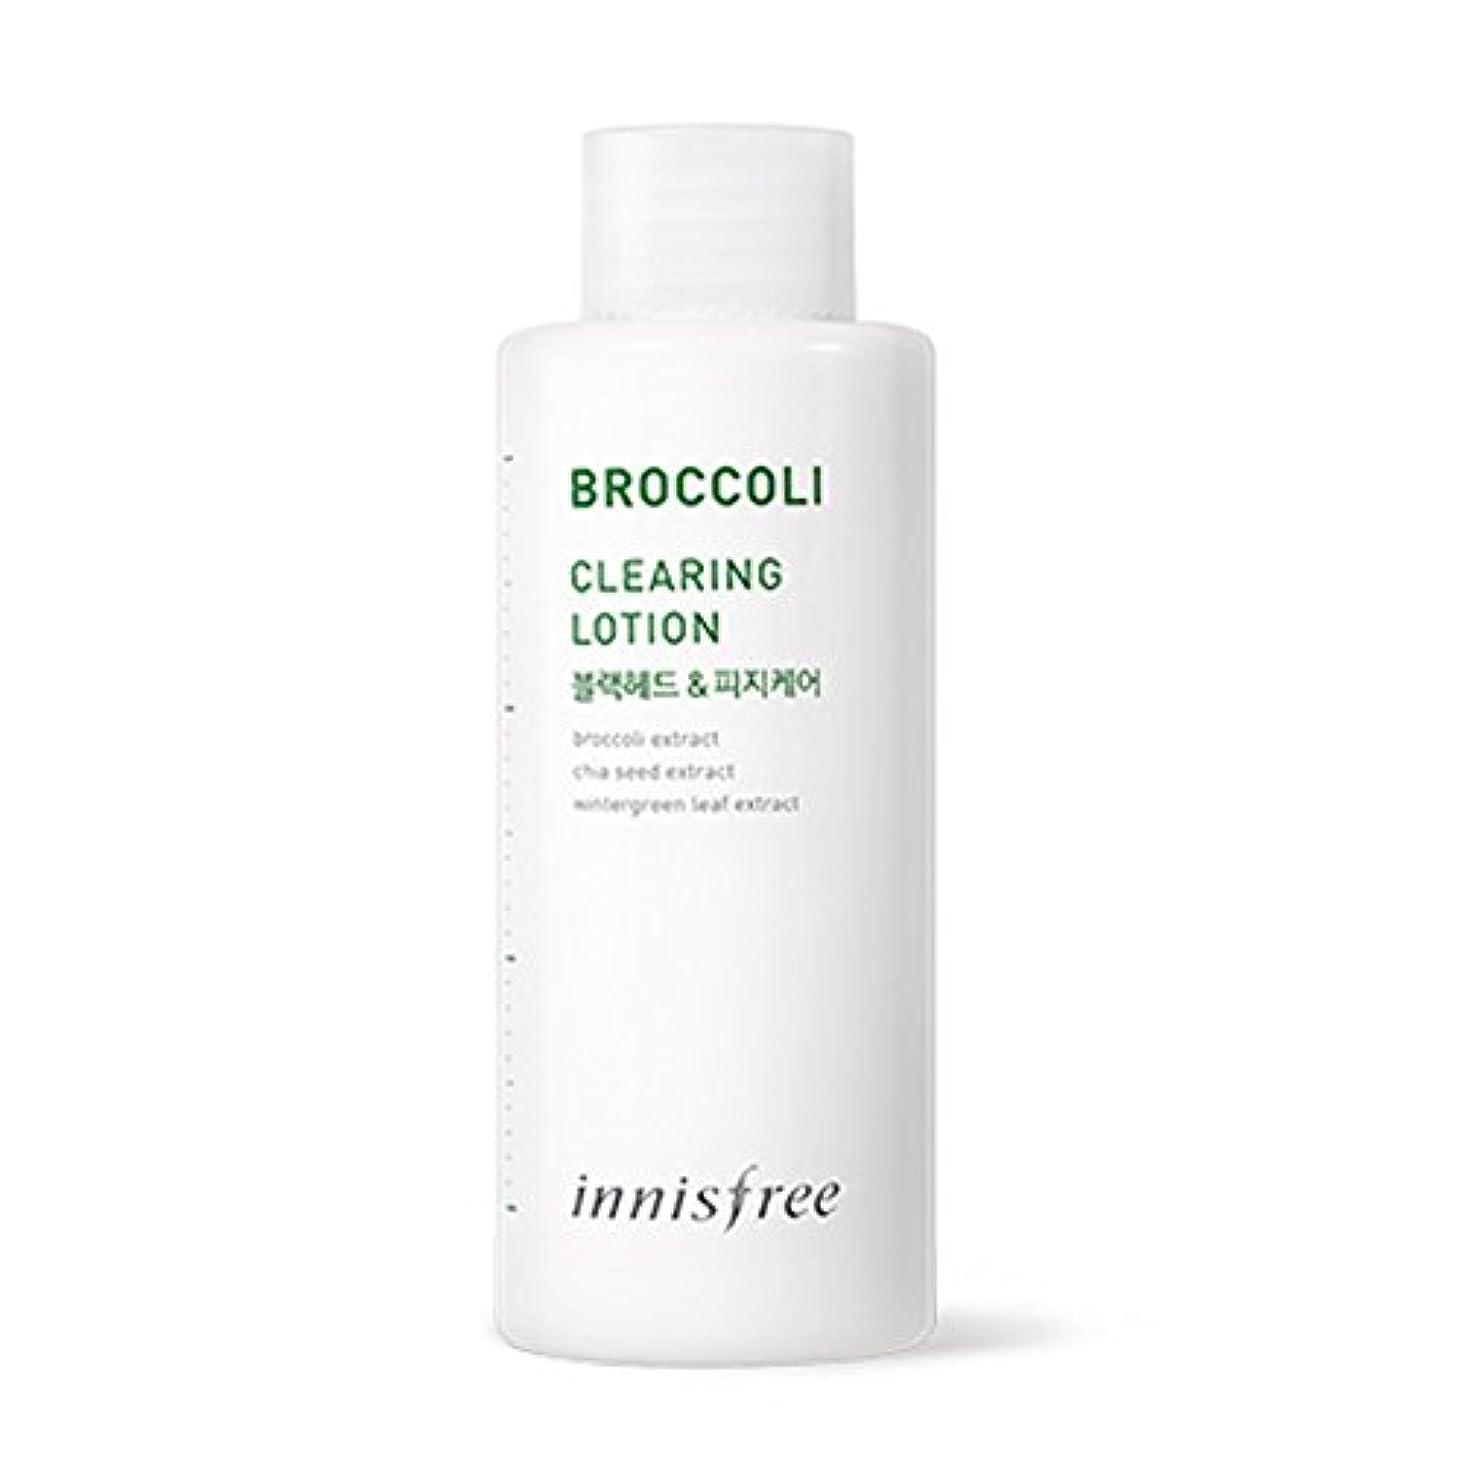 ランチョン無駄おもしろいイニスフリーブロッコリークリアリングローション(エマルジョン)130ml Innisfree Broccoli Clearing Lotion(Emulsion) 130ml [海外直送品][並行輸入品]